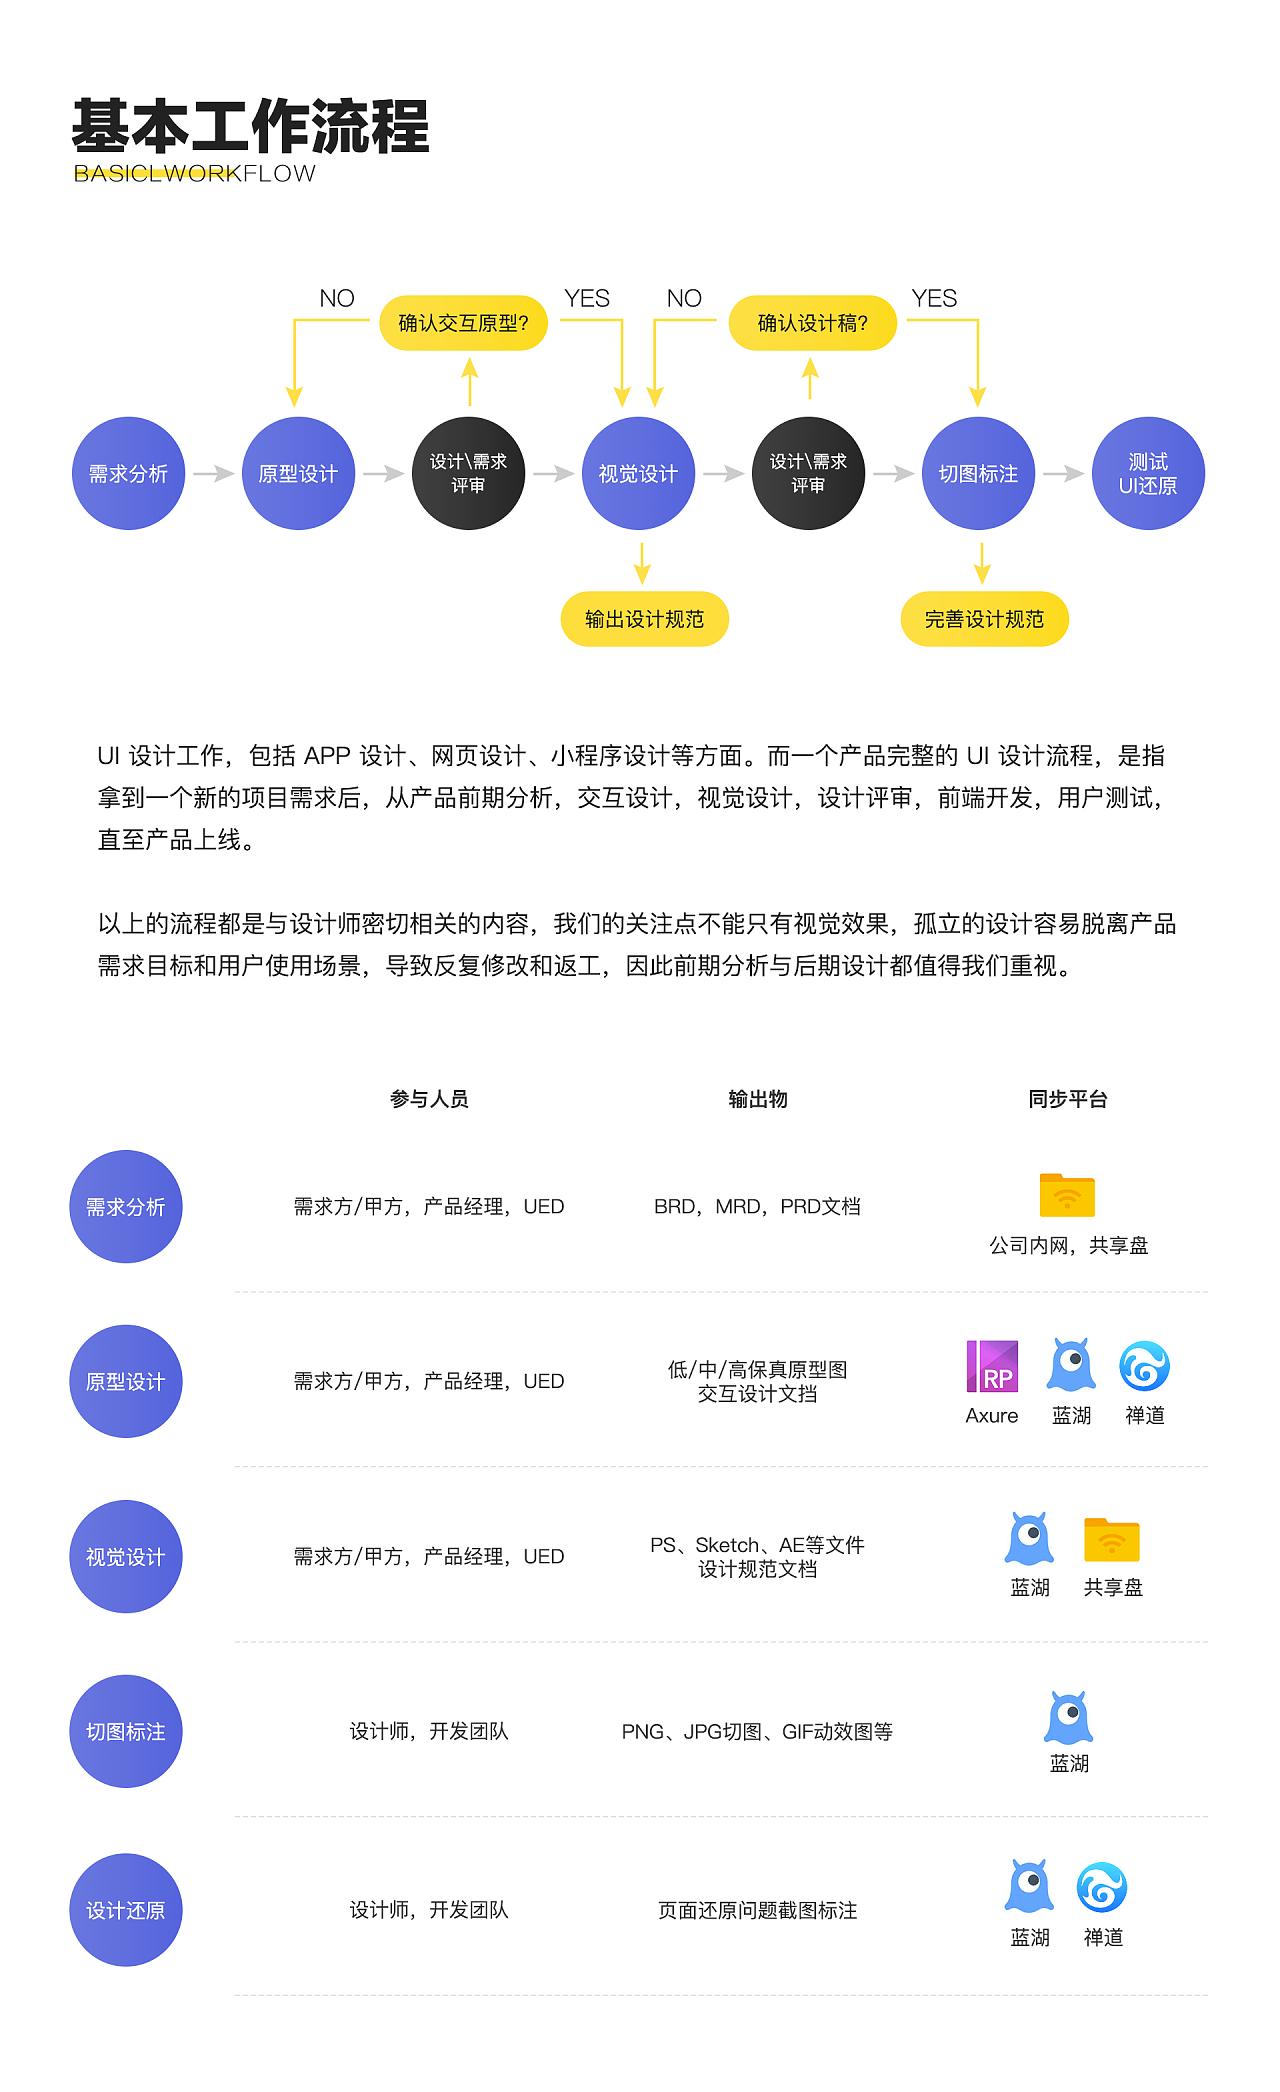 UI设计工作流程及蓝狐招聘淄博汉能集团平面设计应用图片